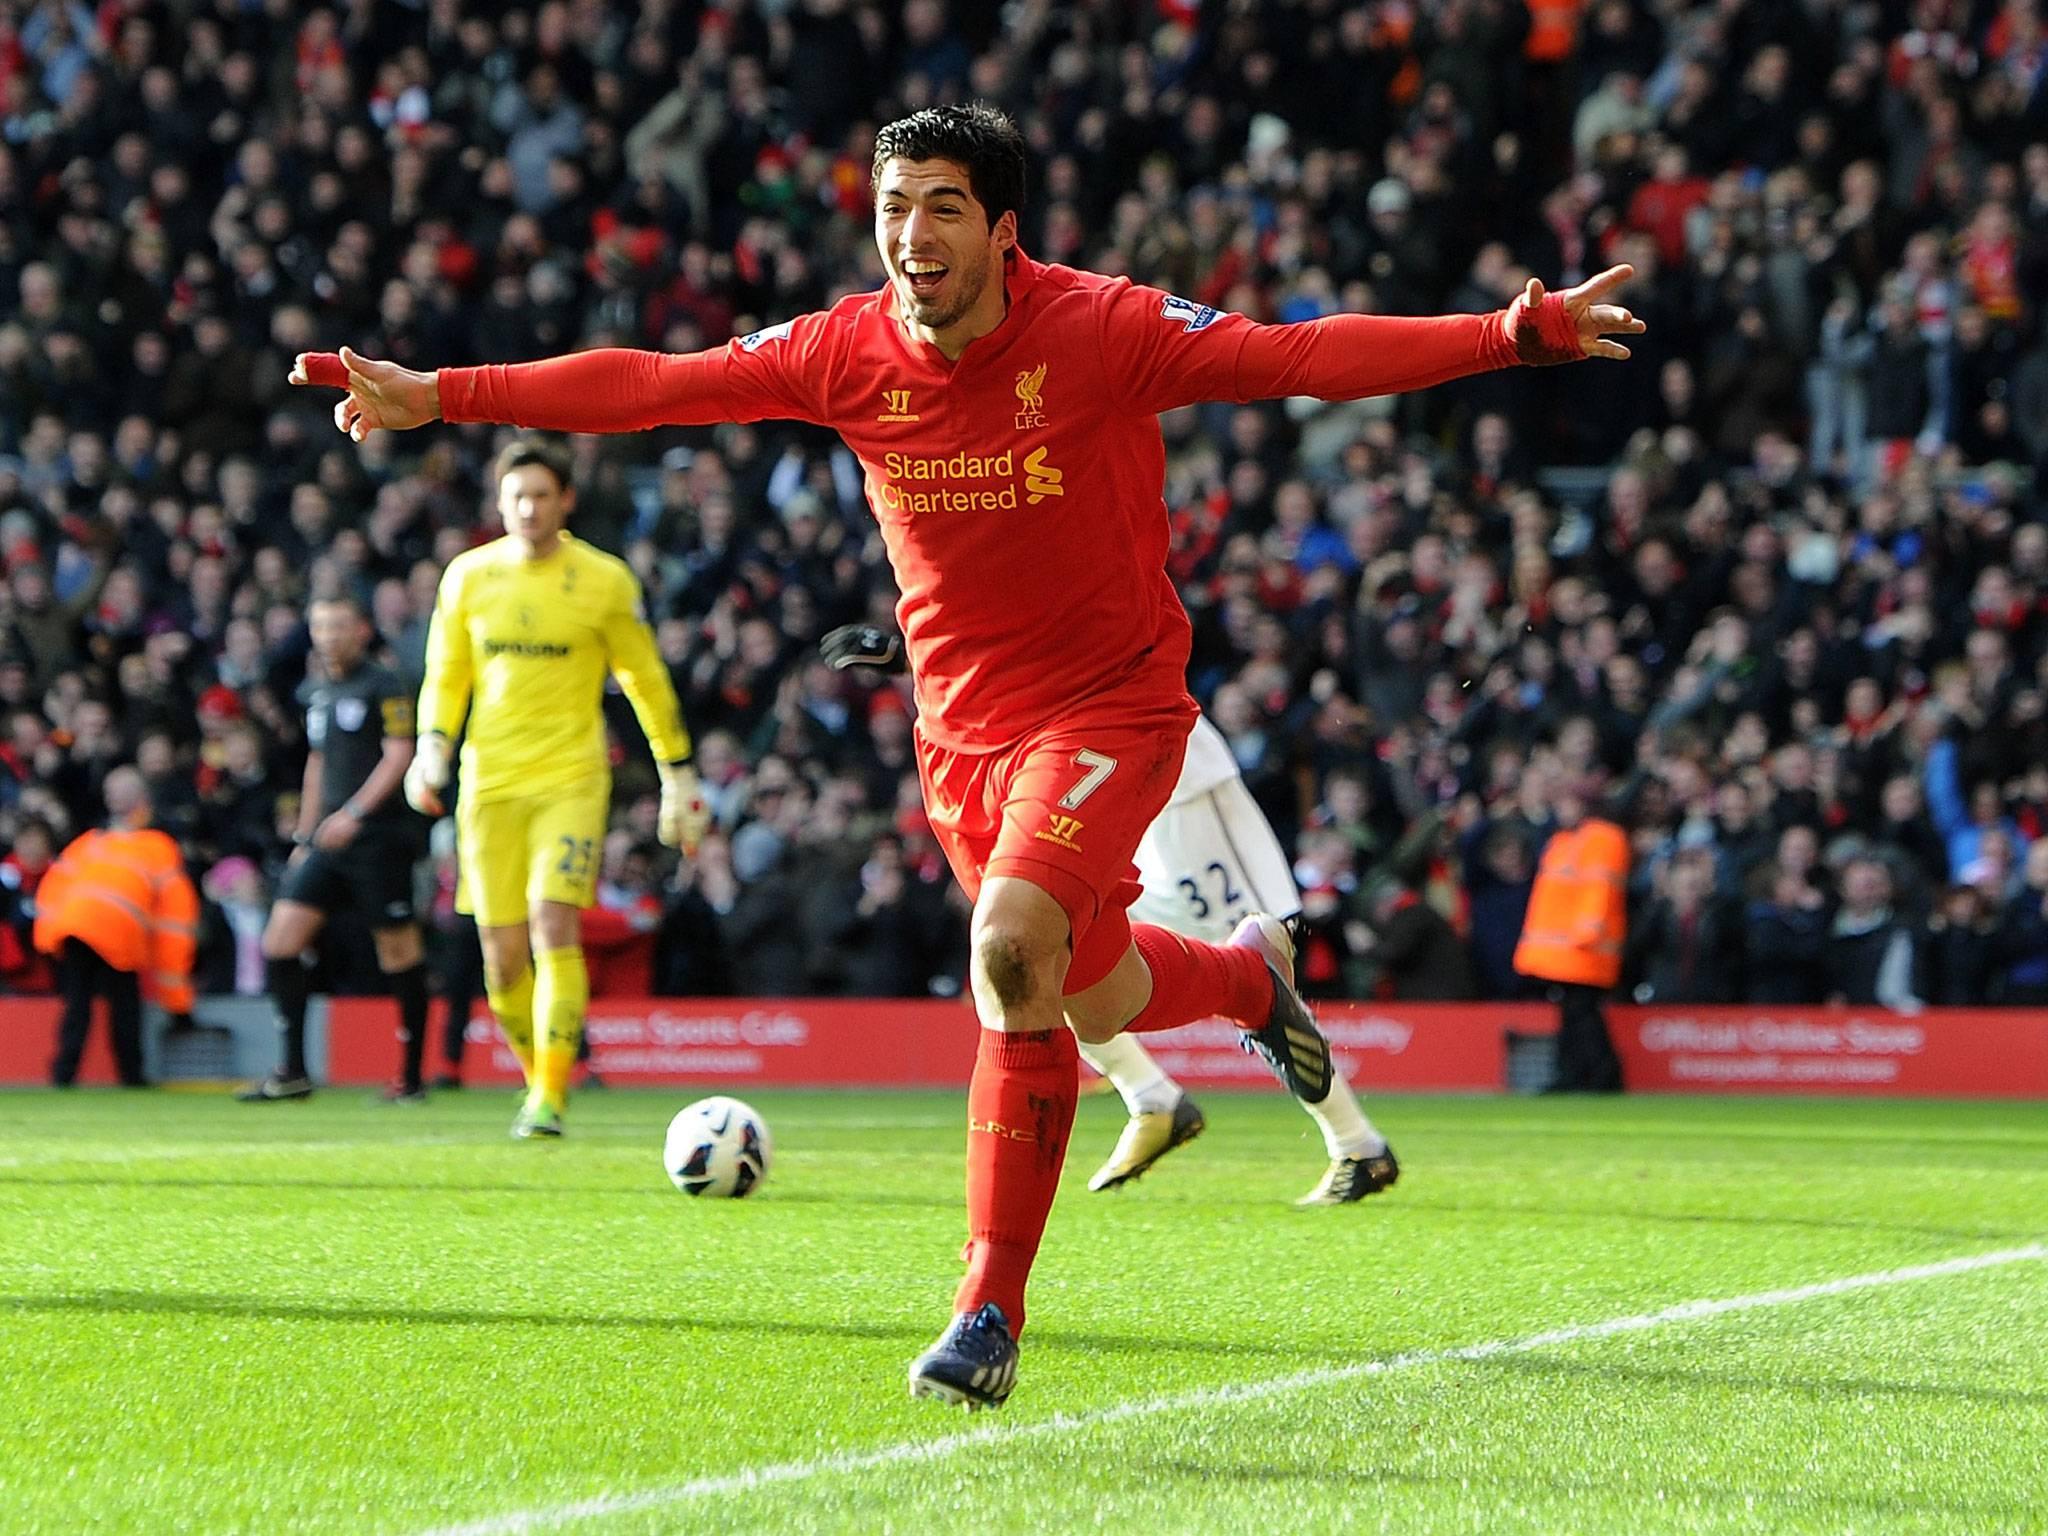 Liverpool coach proud with Luis Suarez